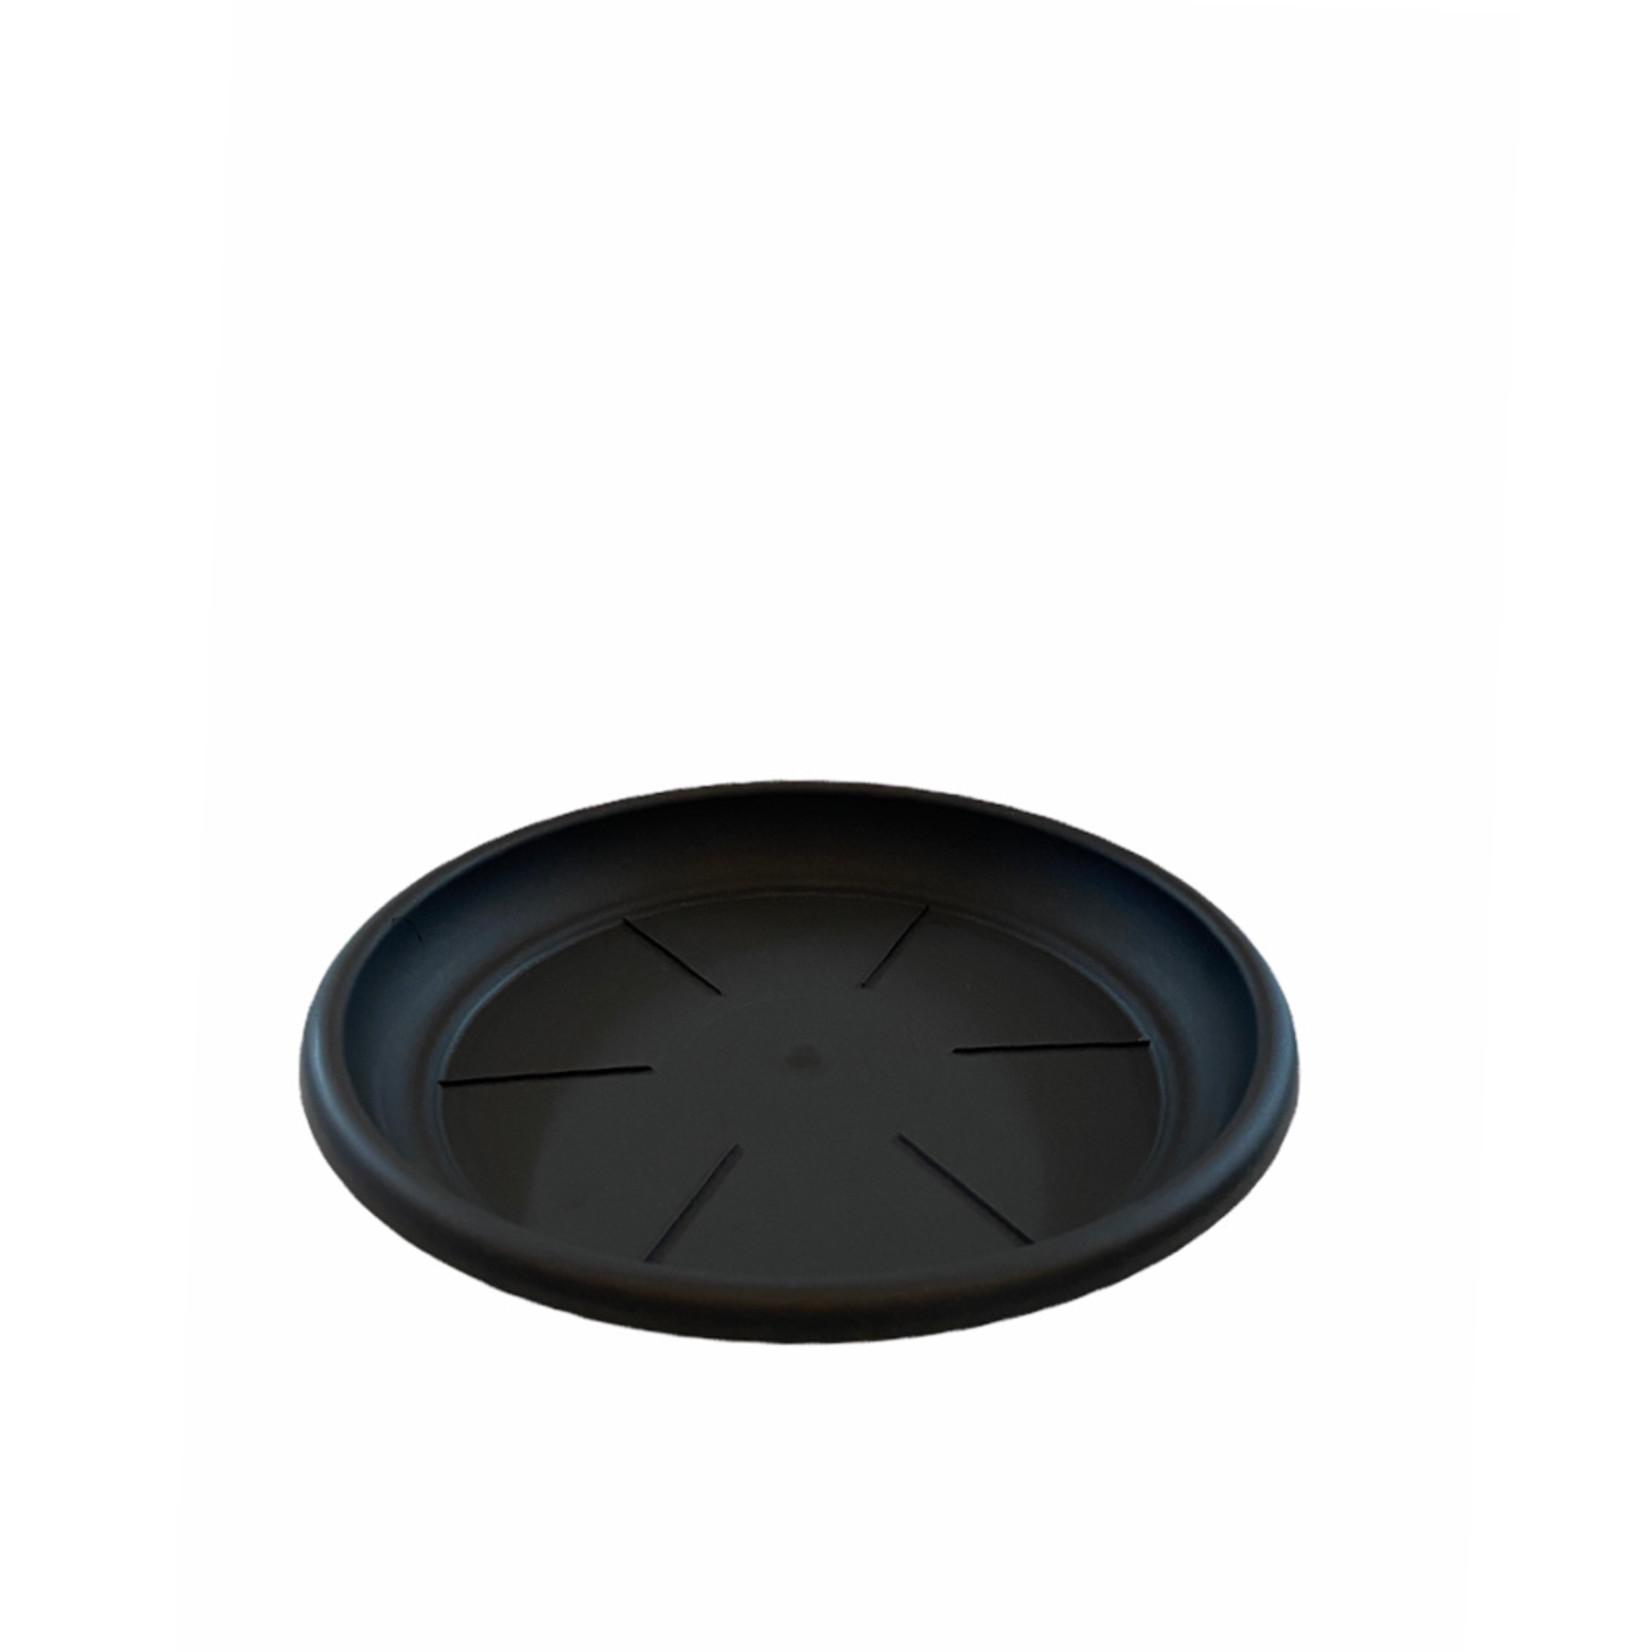 Teraplast Sottovaso Antracite 26cm